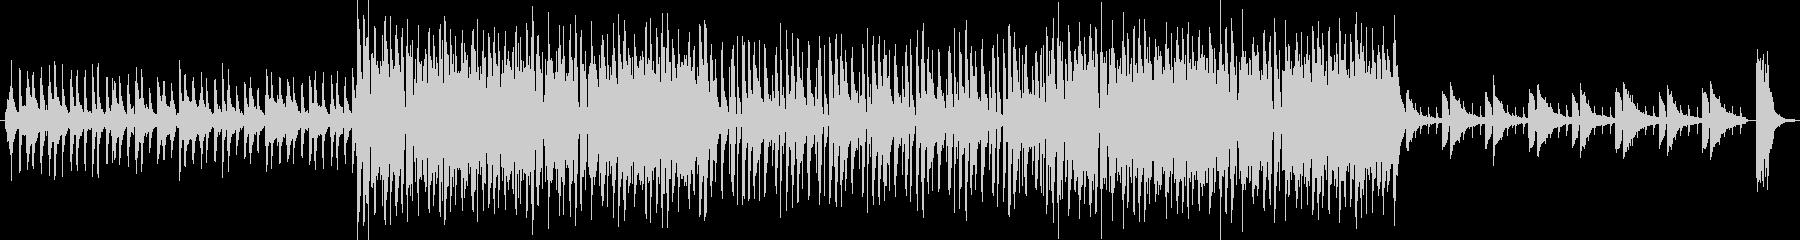 不穏な空気感の出るクラシックテクノBGMの未再生の波形